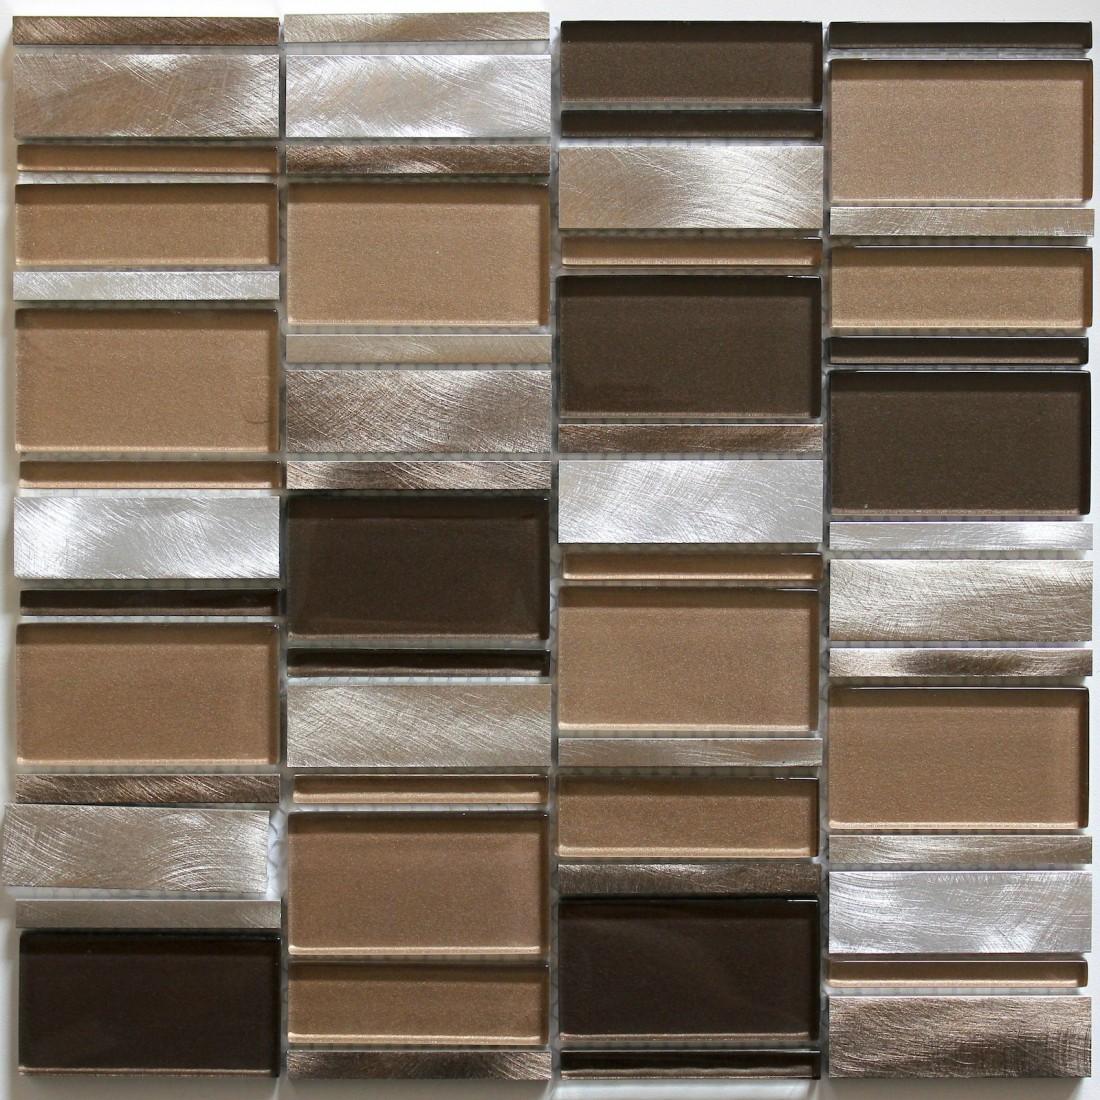 Dalle Mosaique Aluminium Et Verre Carrelage Cuisine Cr Dence Ceti Marron Carrelage